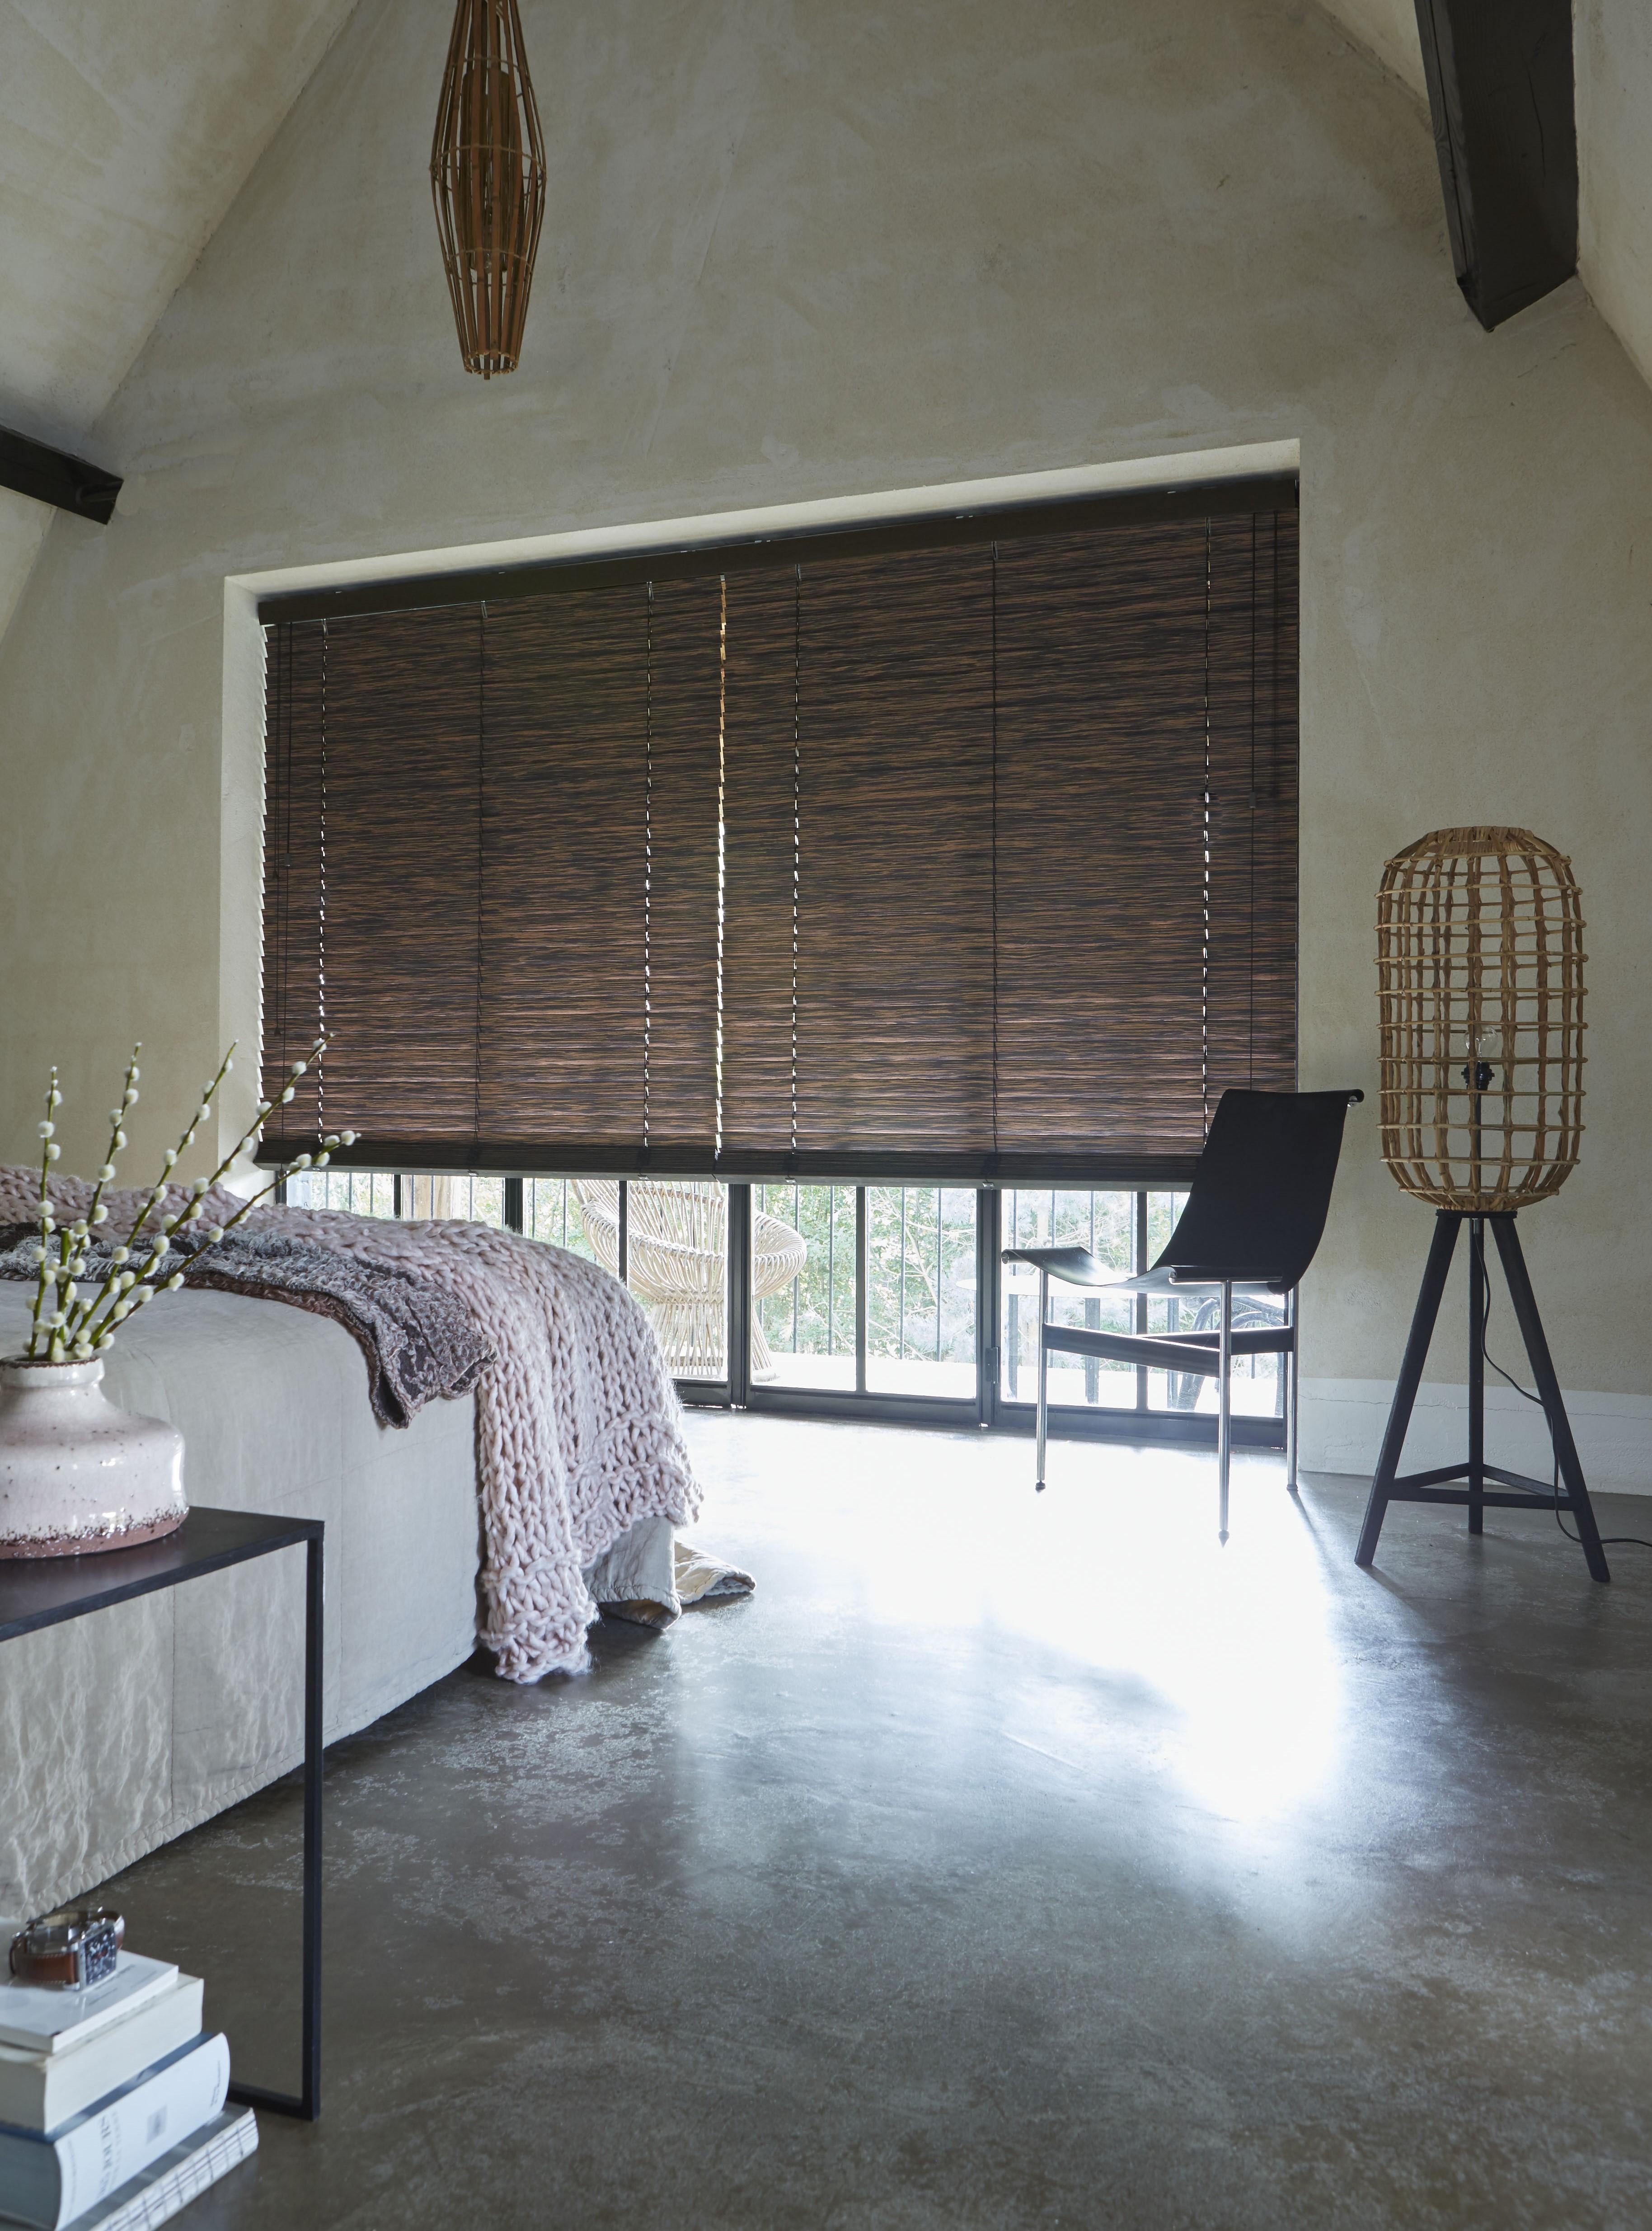 https://cdn.inhuisplaza.nl/images/Nieuwe%20website/houten-jaloezieen-slaapkamer-20.jpg